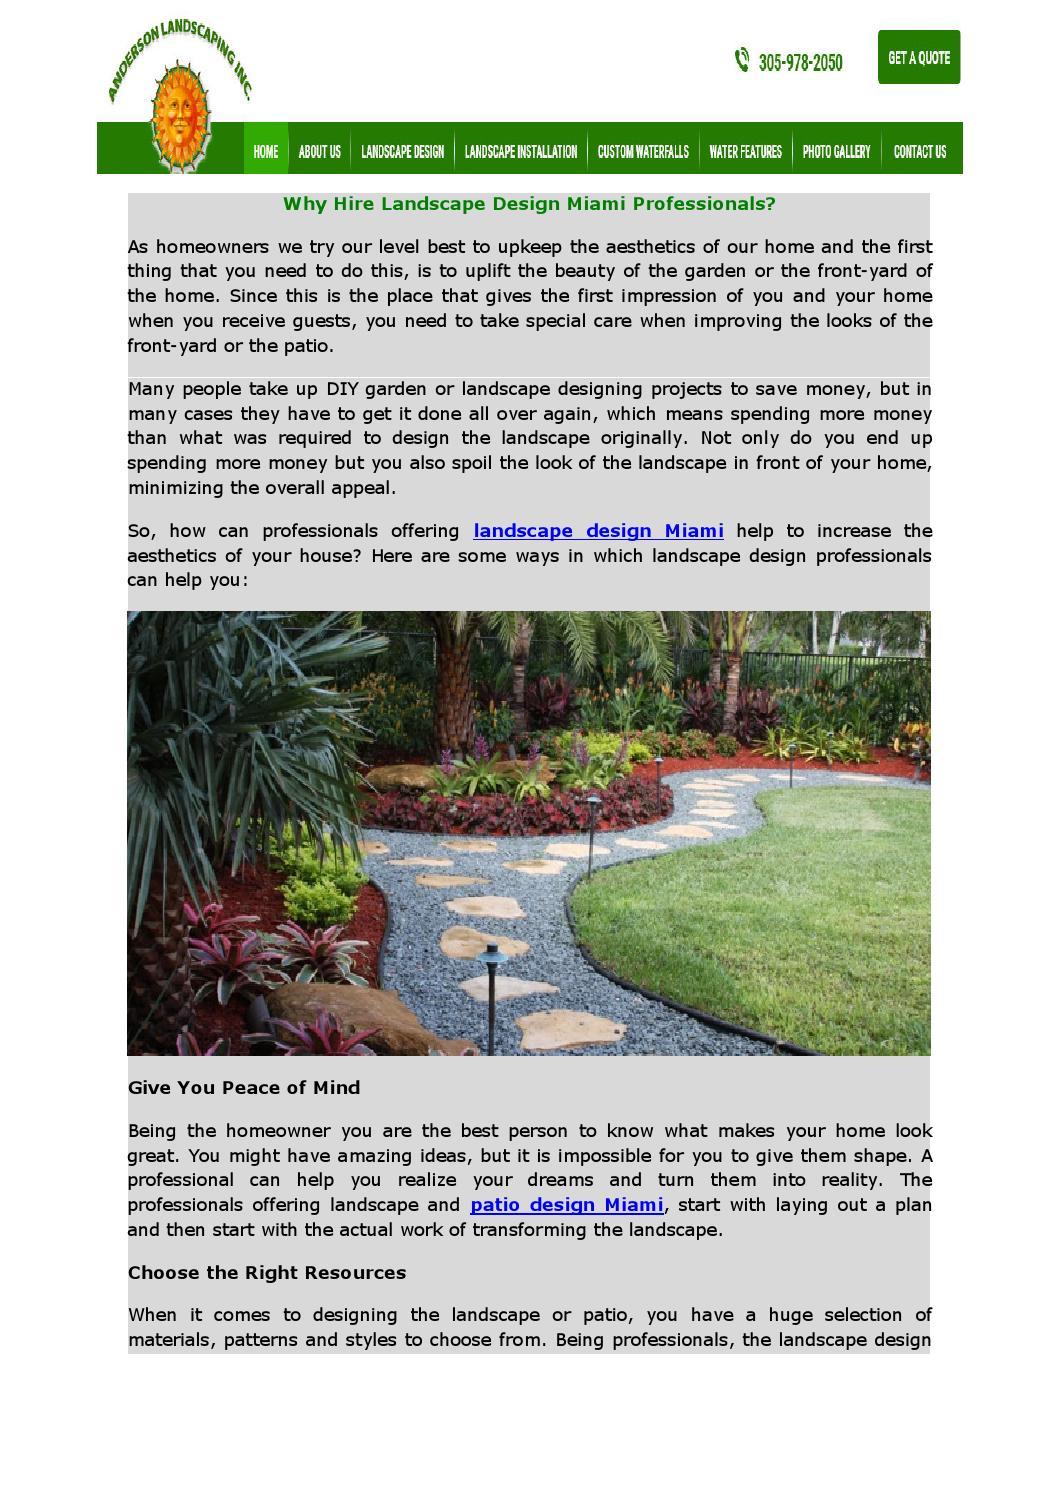 Why Hire Landscape Design Miami